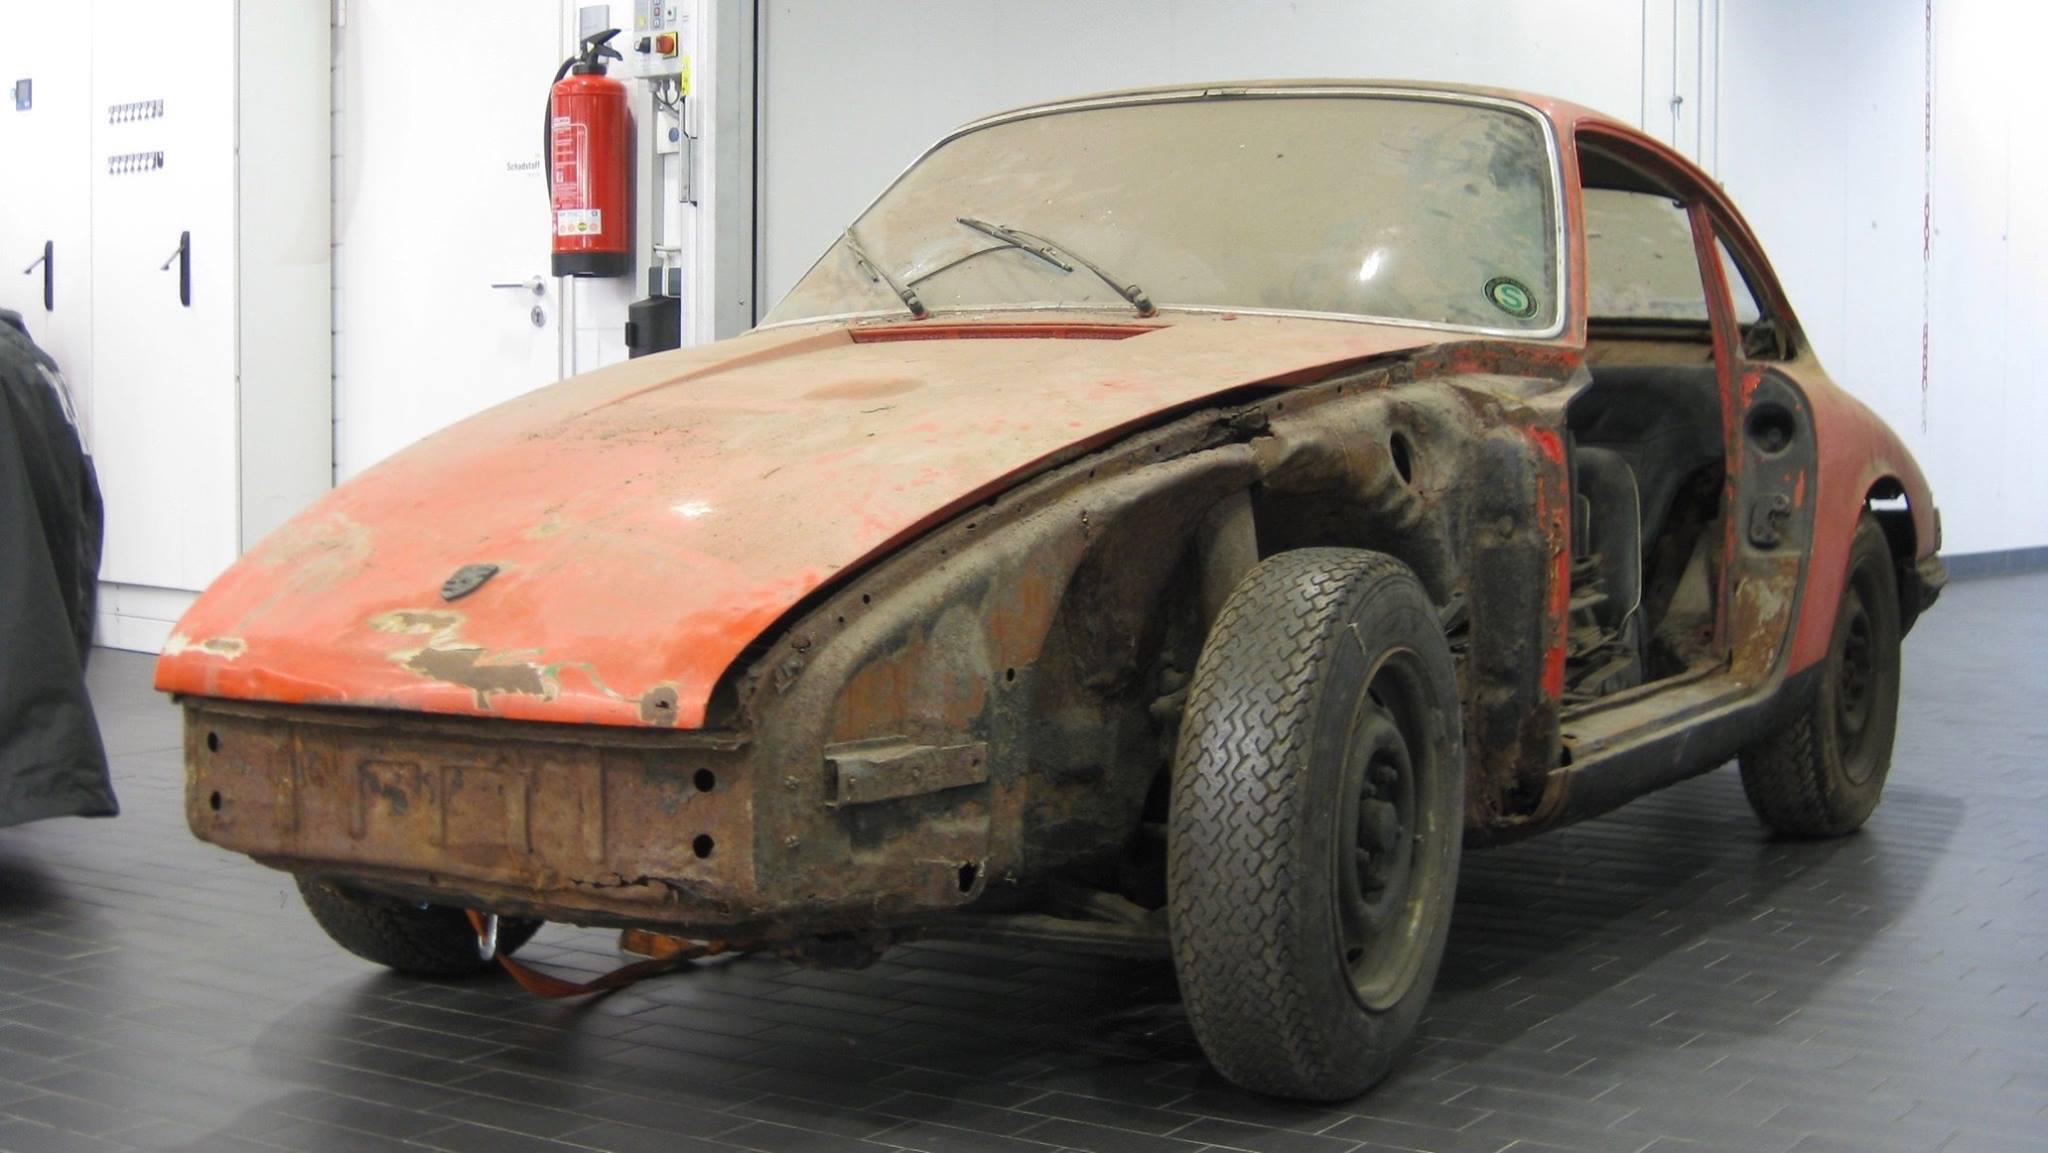 Porsche 901 911 restoration porsche museum (1)